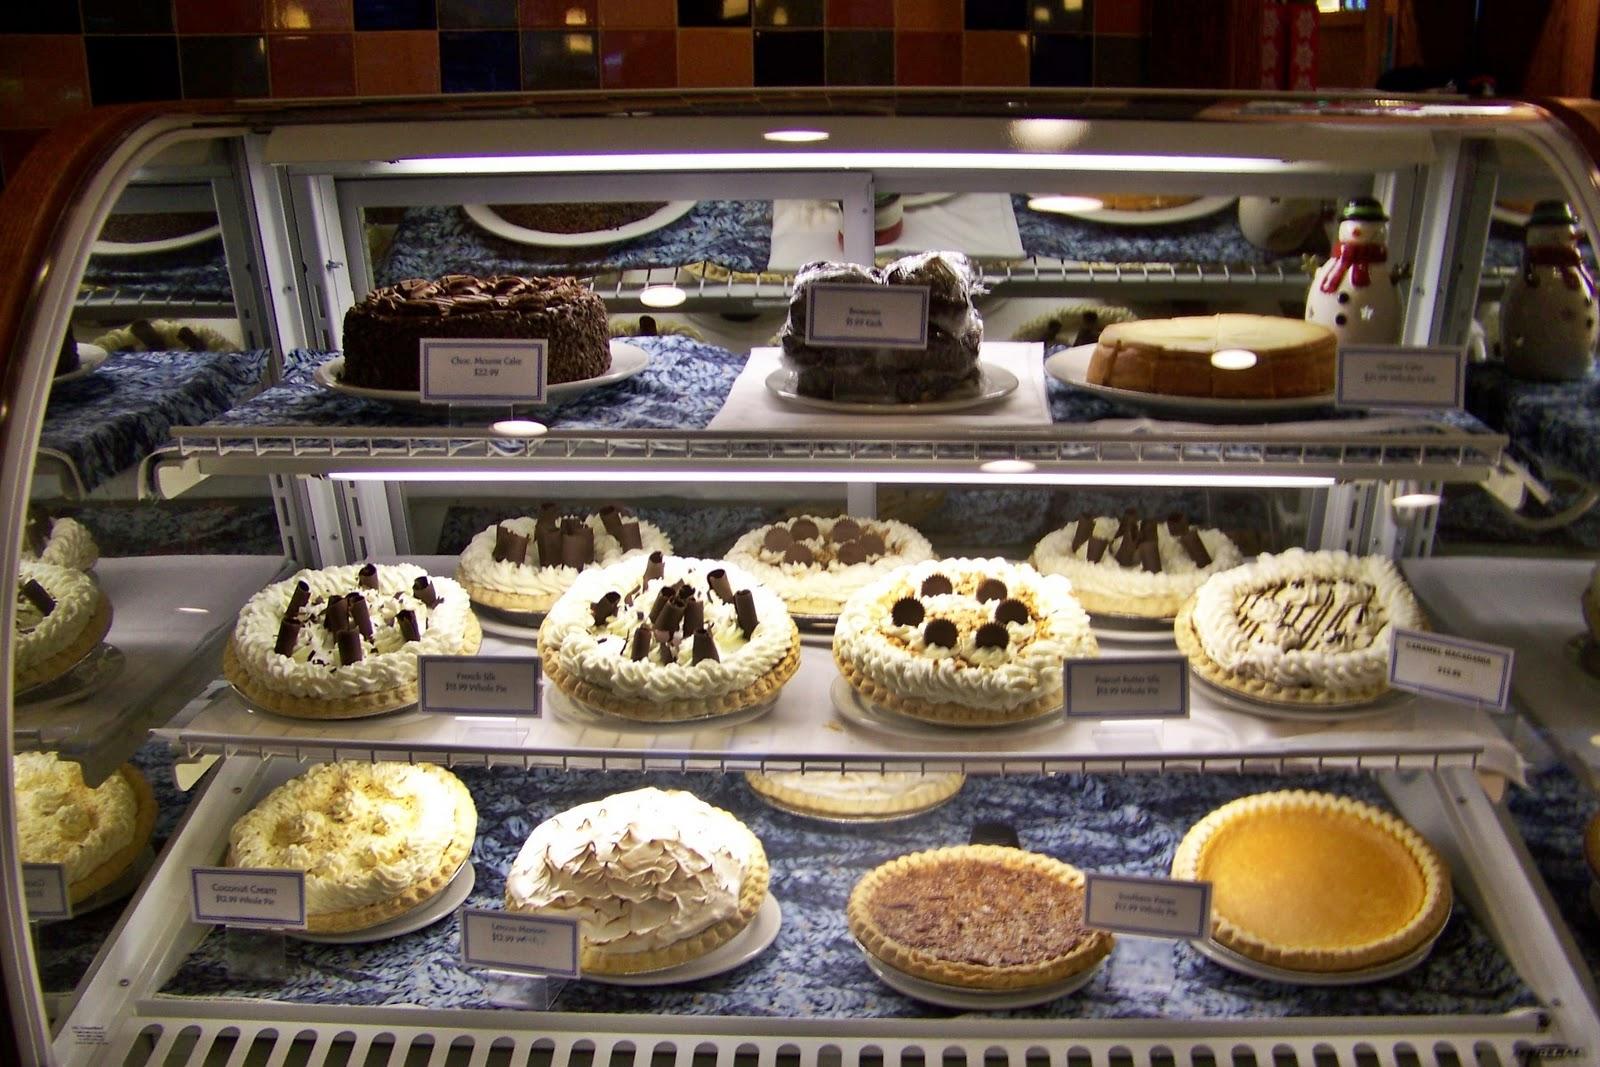 Perkins Restaurant Bakery Orlando Fl